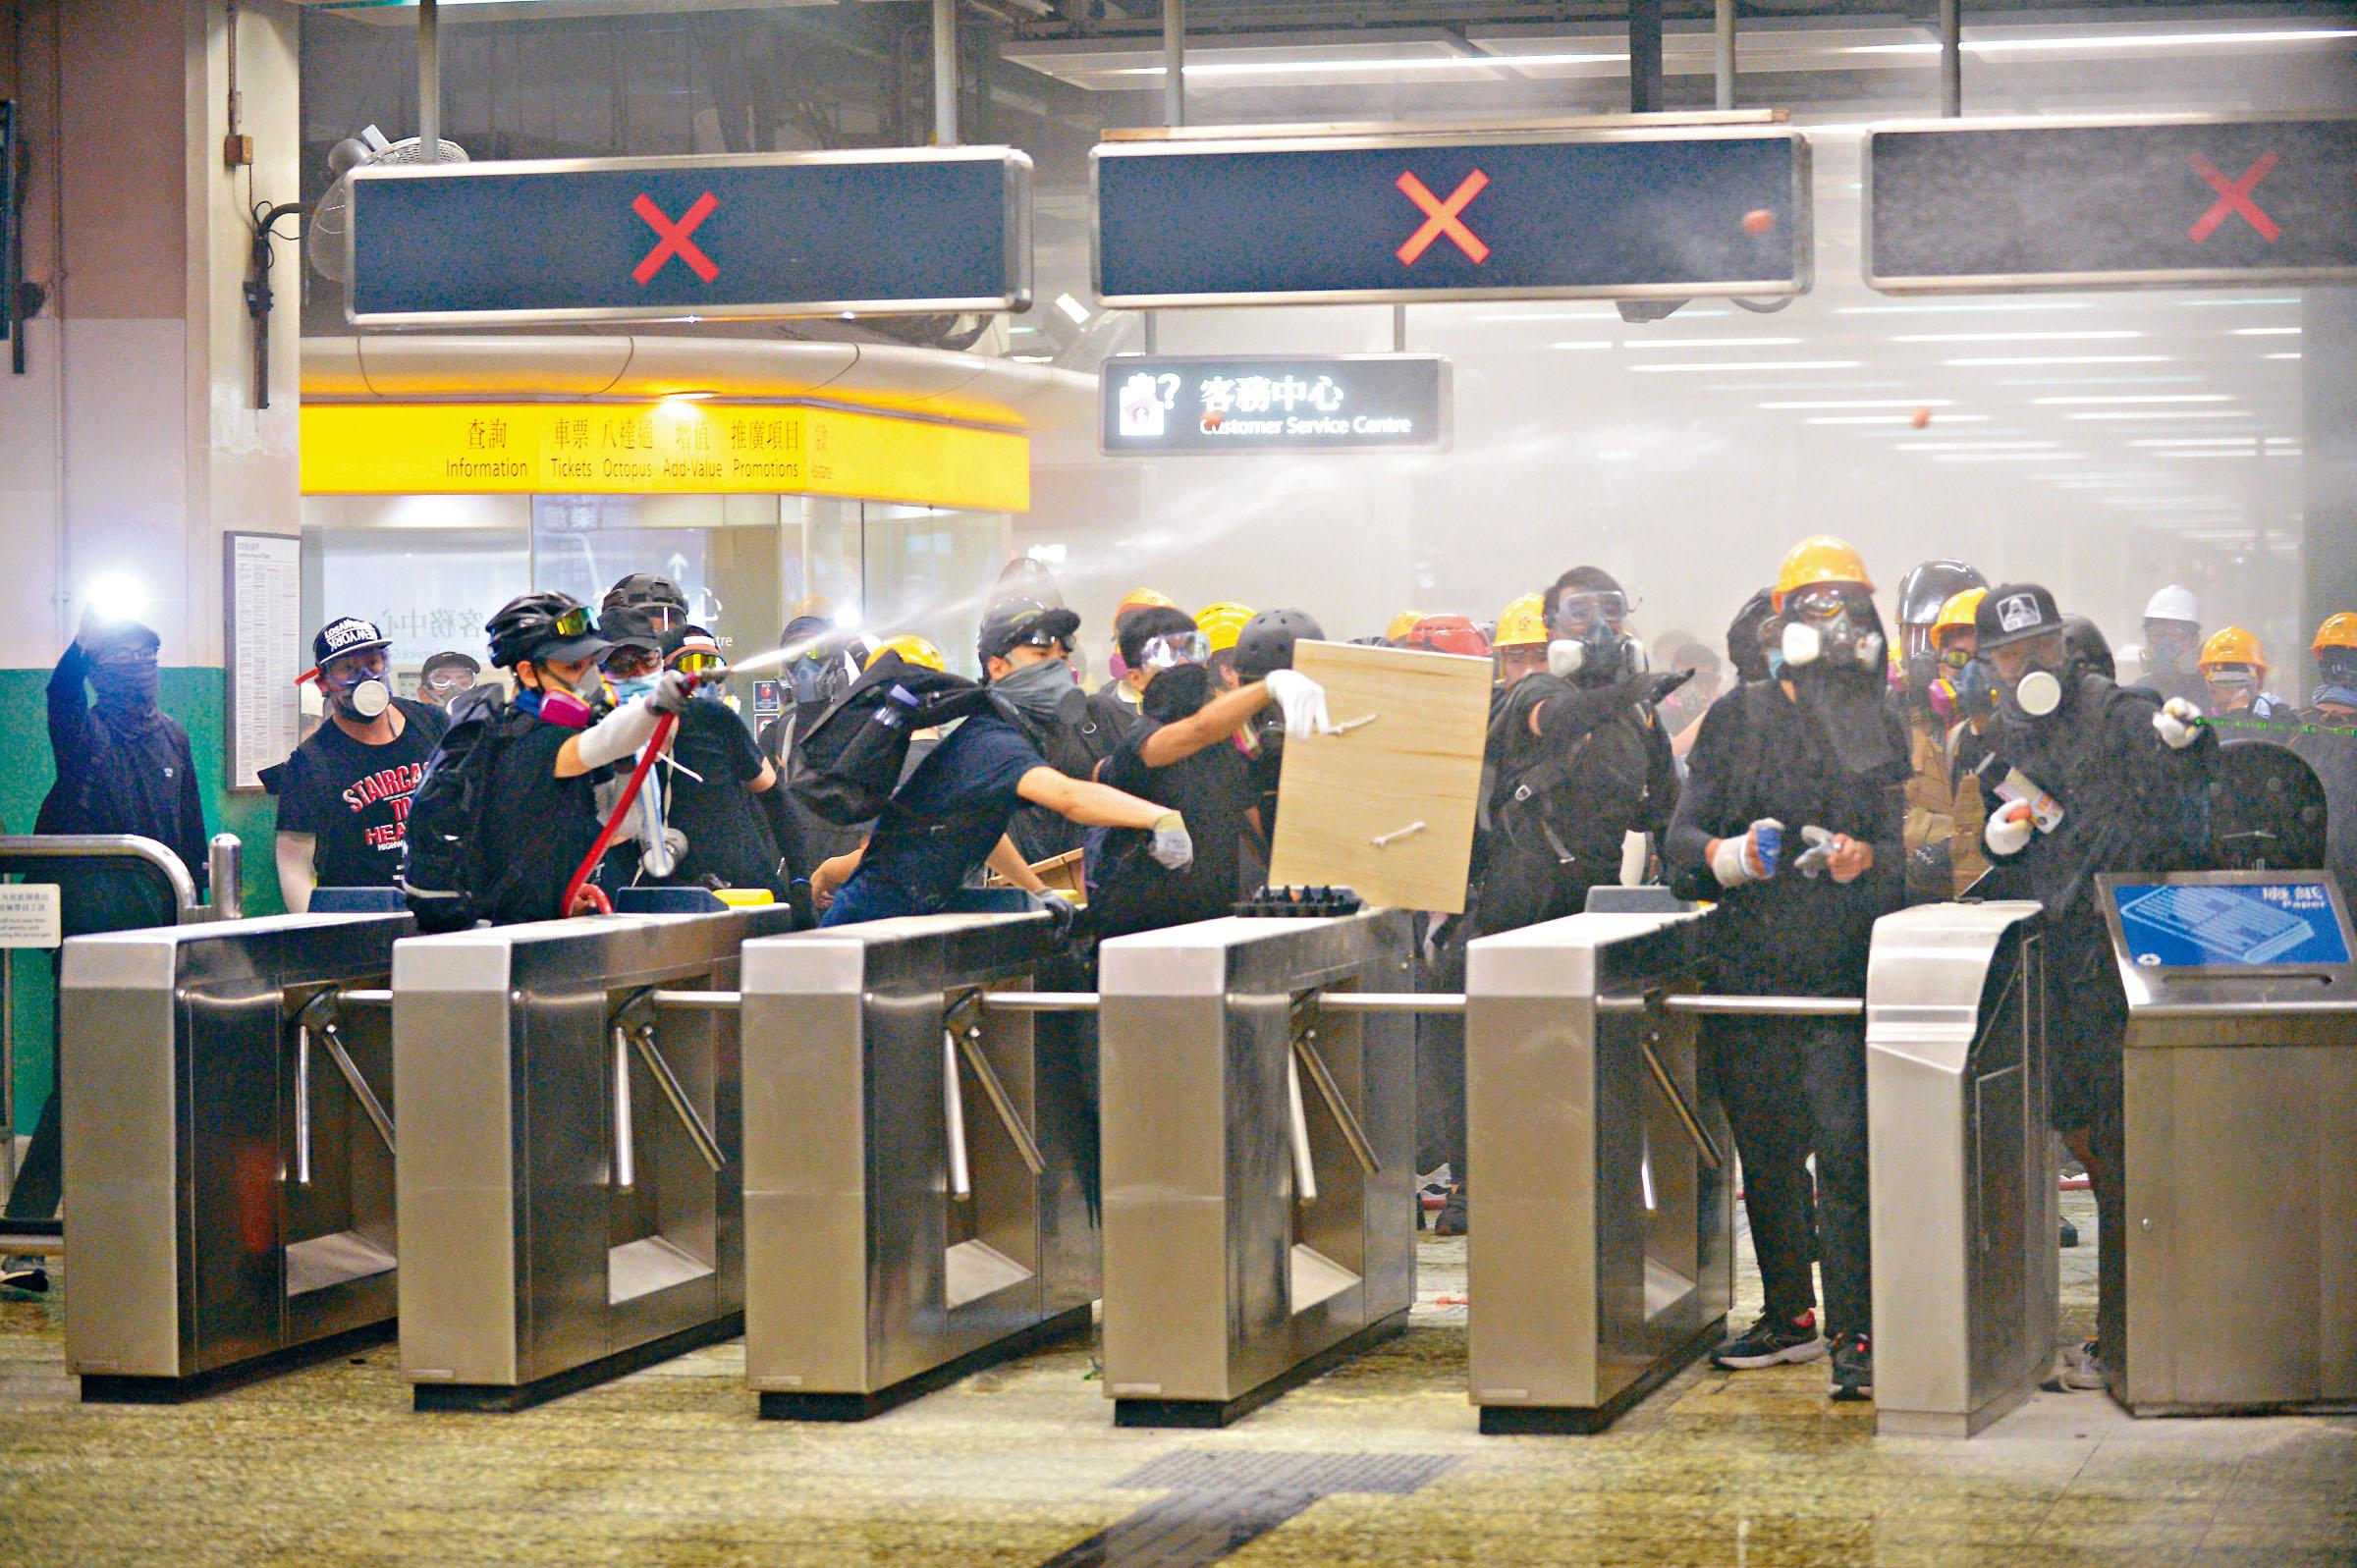 示威者在港鐵葵芳站閘口射水,阻止防暴警追捕。陳浩元攝